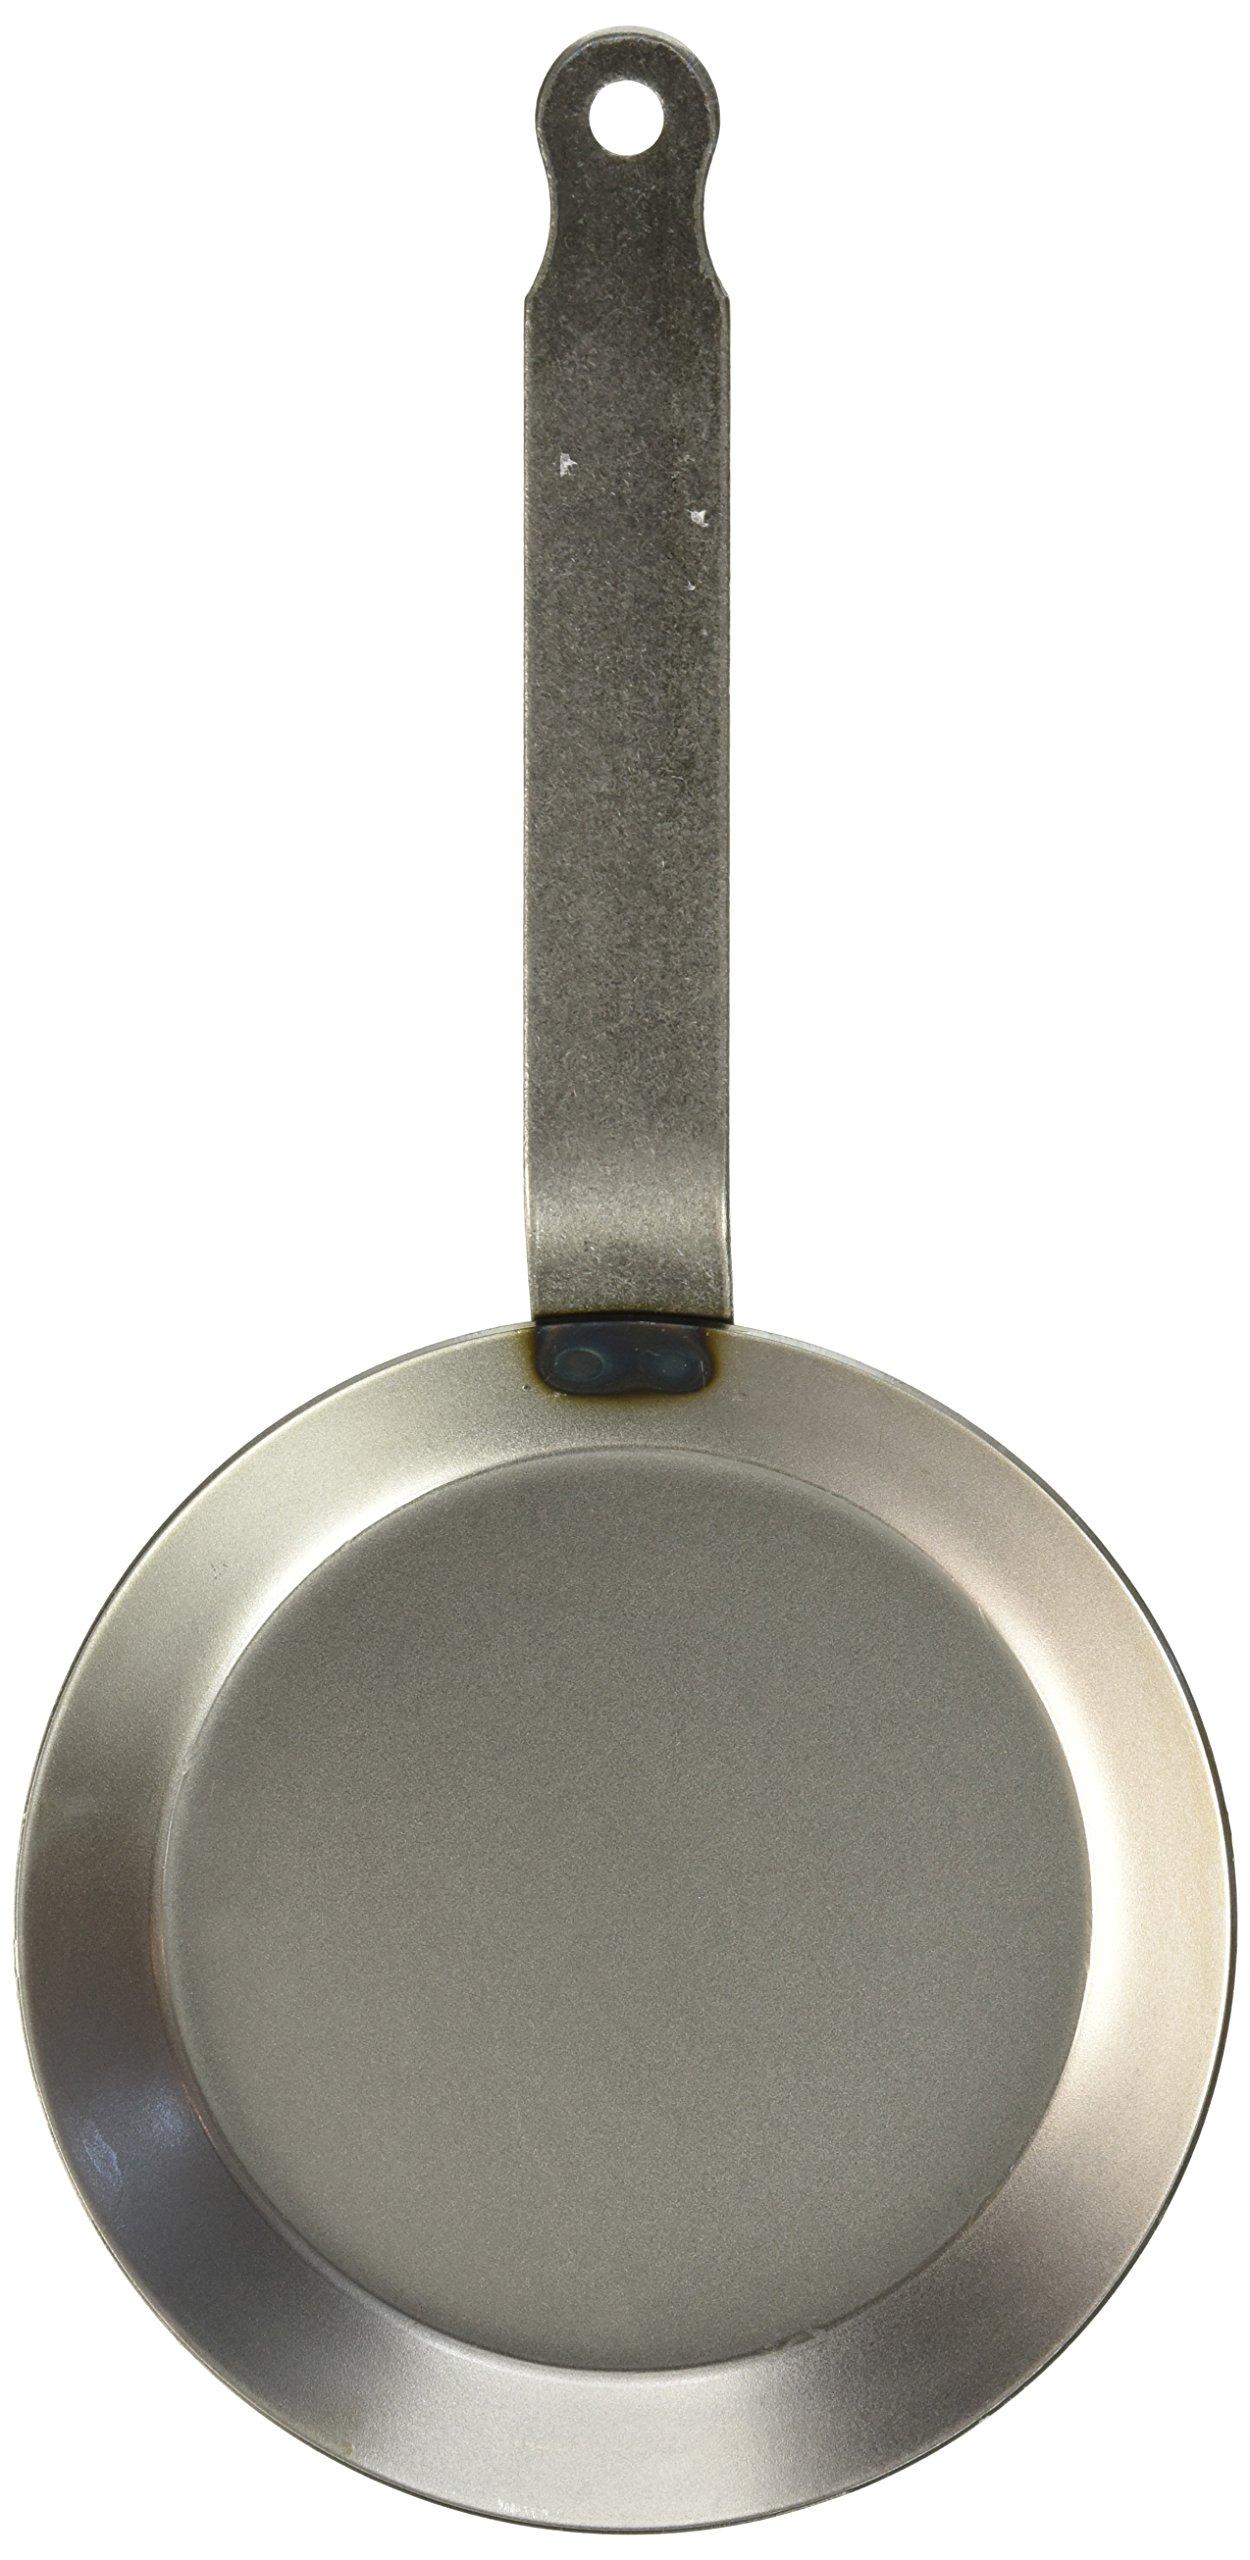 Matfer Bourgeat 062031 Round Crepe Pan, 7-Inch, Gray